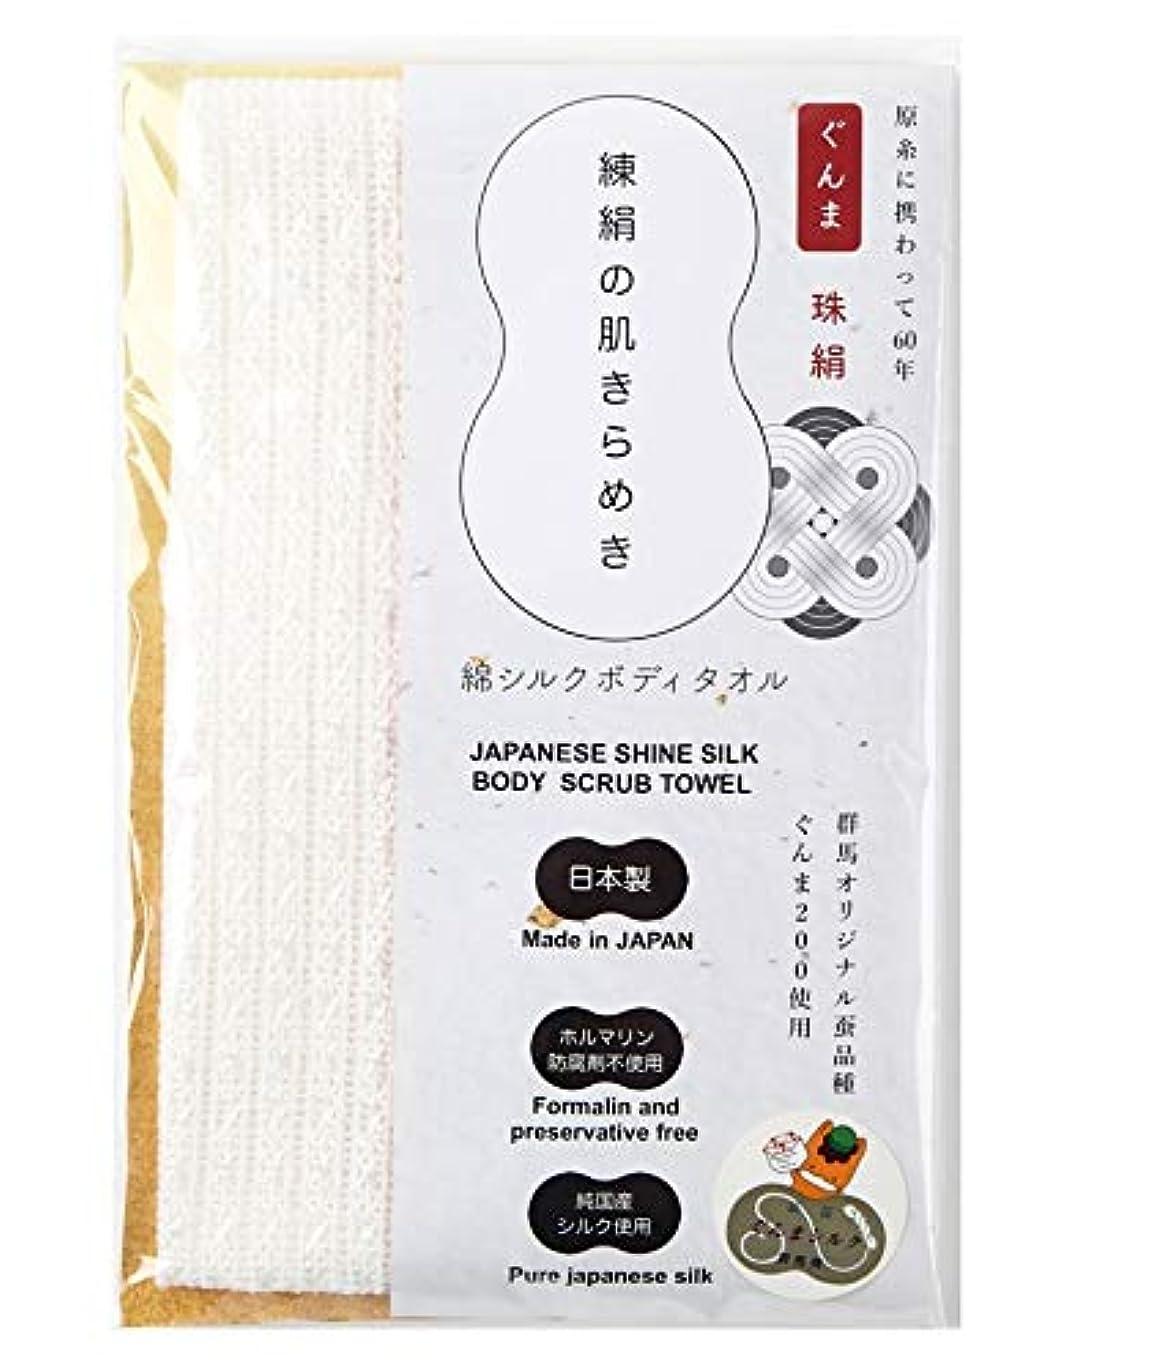 アドバンテージ七面鳥平方くーる&ほっと 珠絹(たまぎぬ) 練絹の肌きらめき 純国産絹(ぐんまシルク)使用 日本製 綿シルクボディタオル